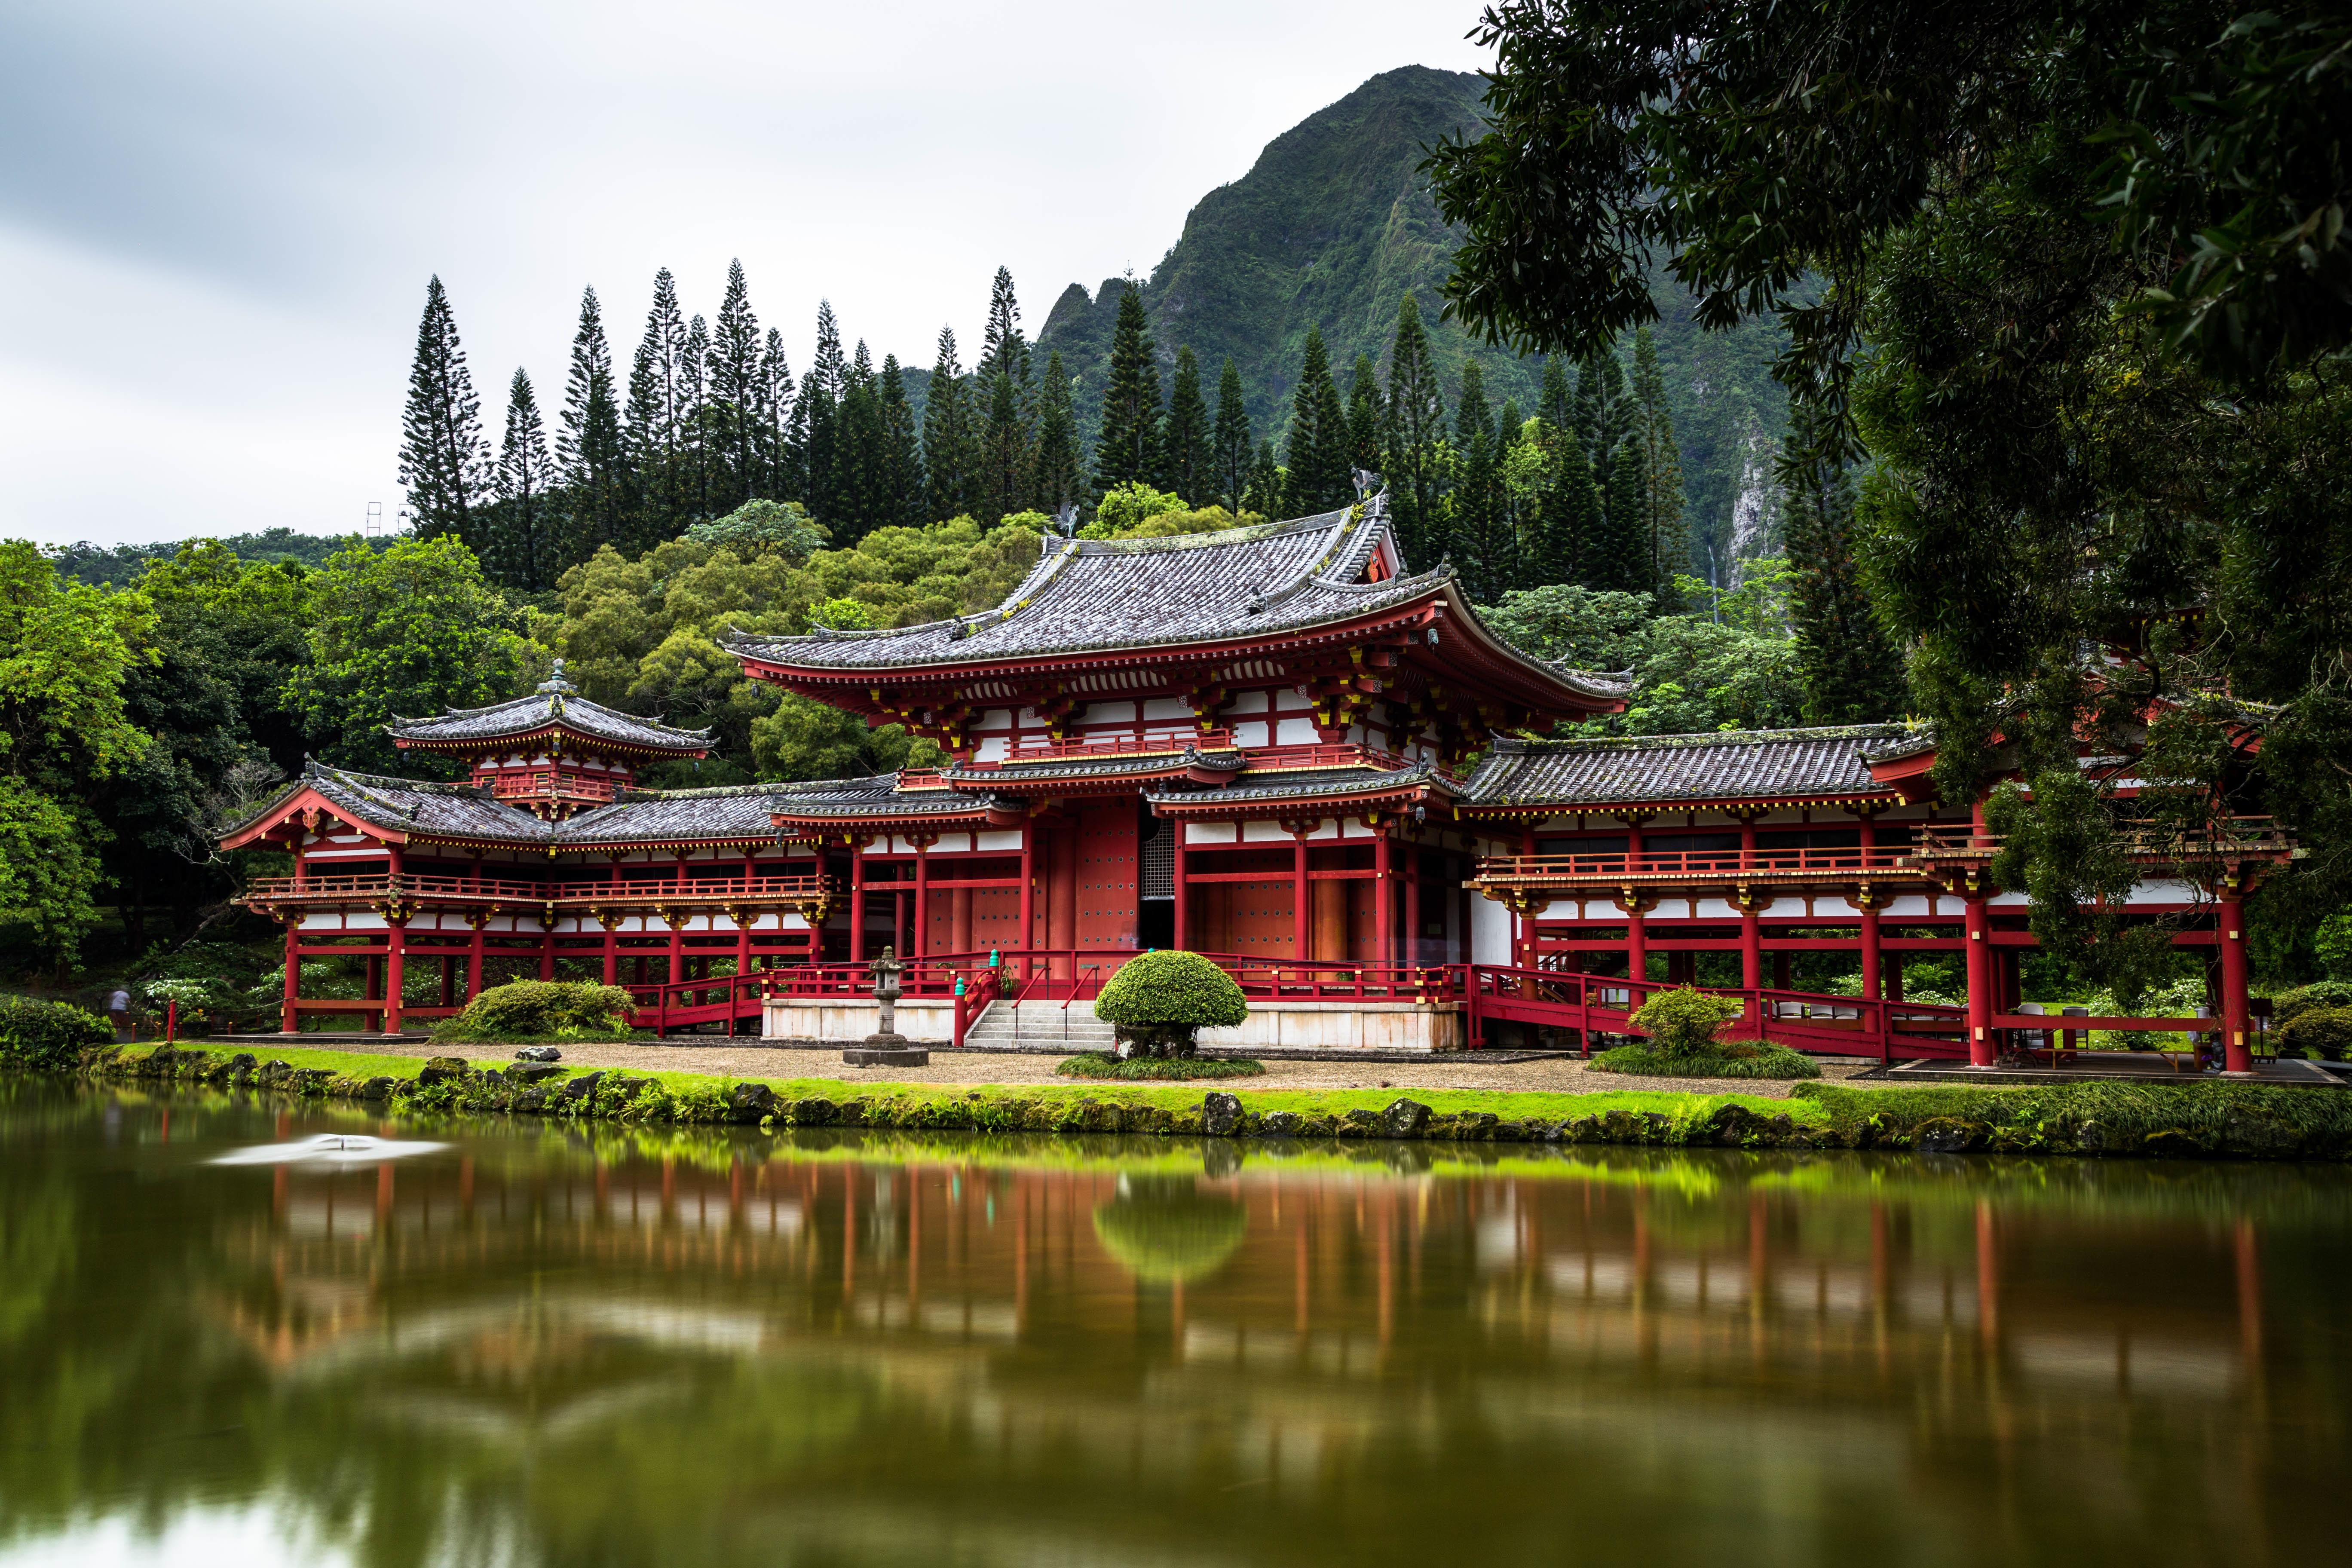 15-melhores-lugares-para-viajar-esse-ano-2018-china 15 melhores lugares para viajar esse ano 2018